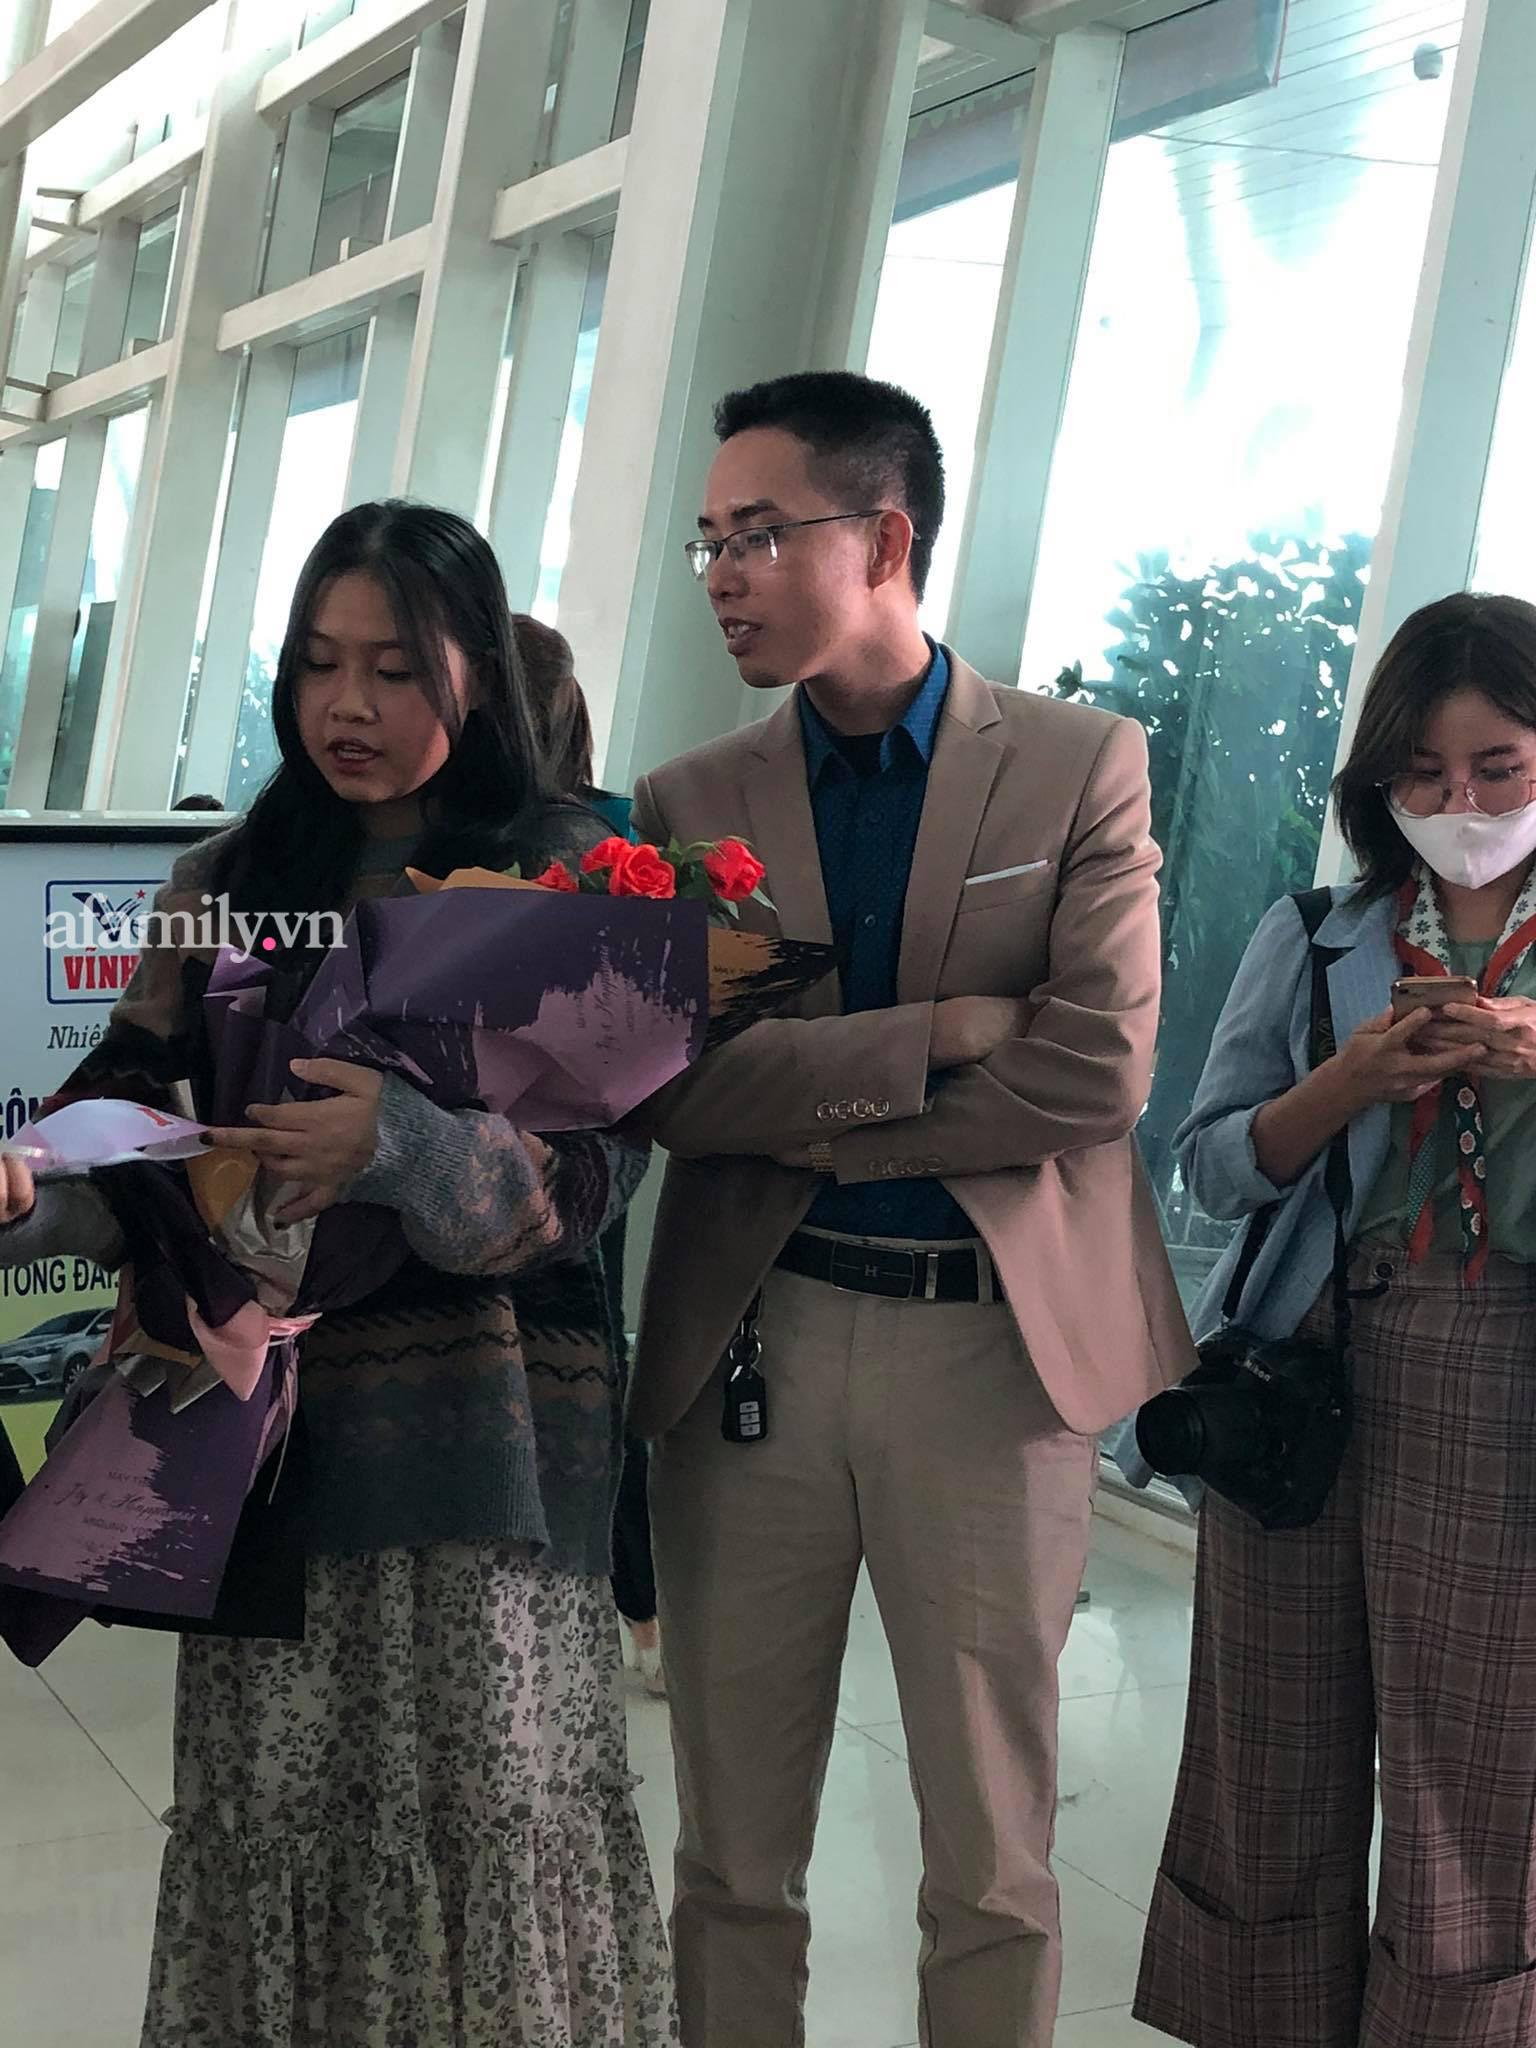 Người dân tập trung đông ở sân bay chào mừng Đỗ Thị Hà về quê sau hơn 1 tuần đăng quang Hoa hậu Việt Nam-7